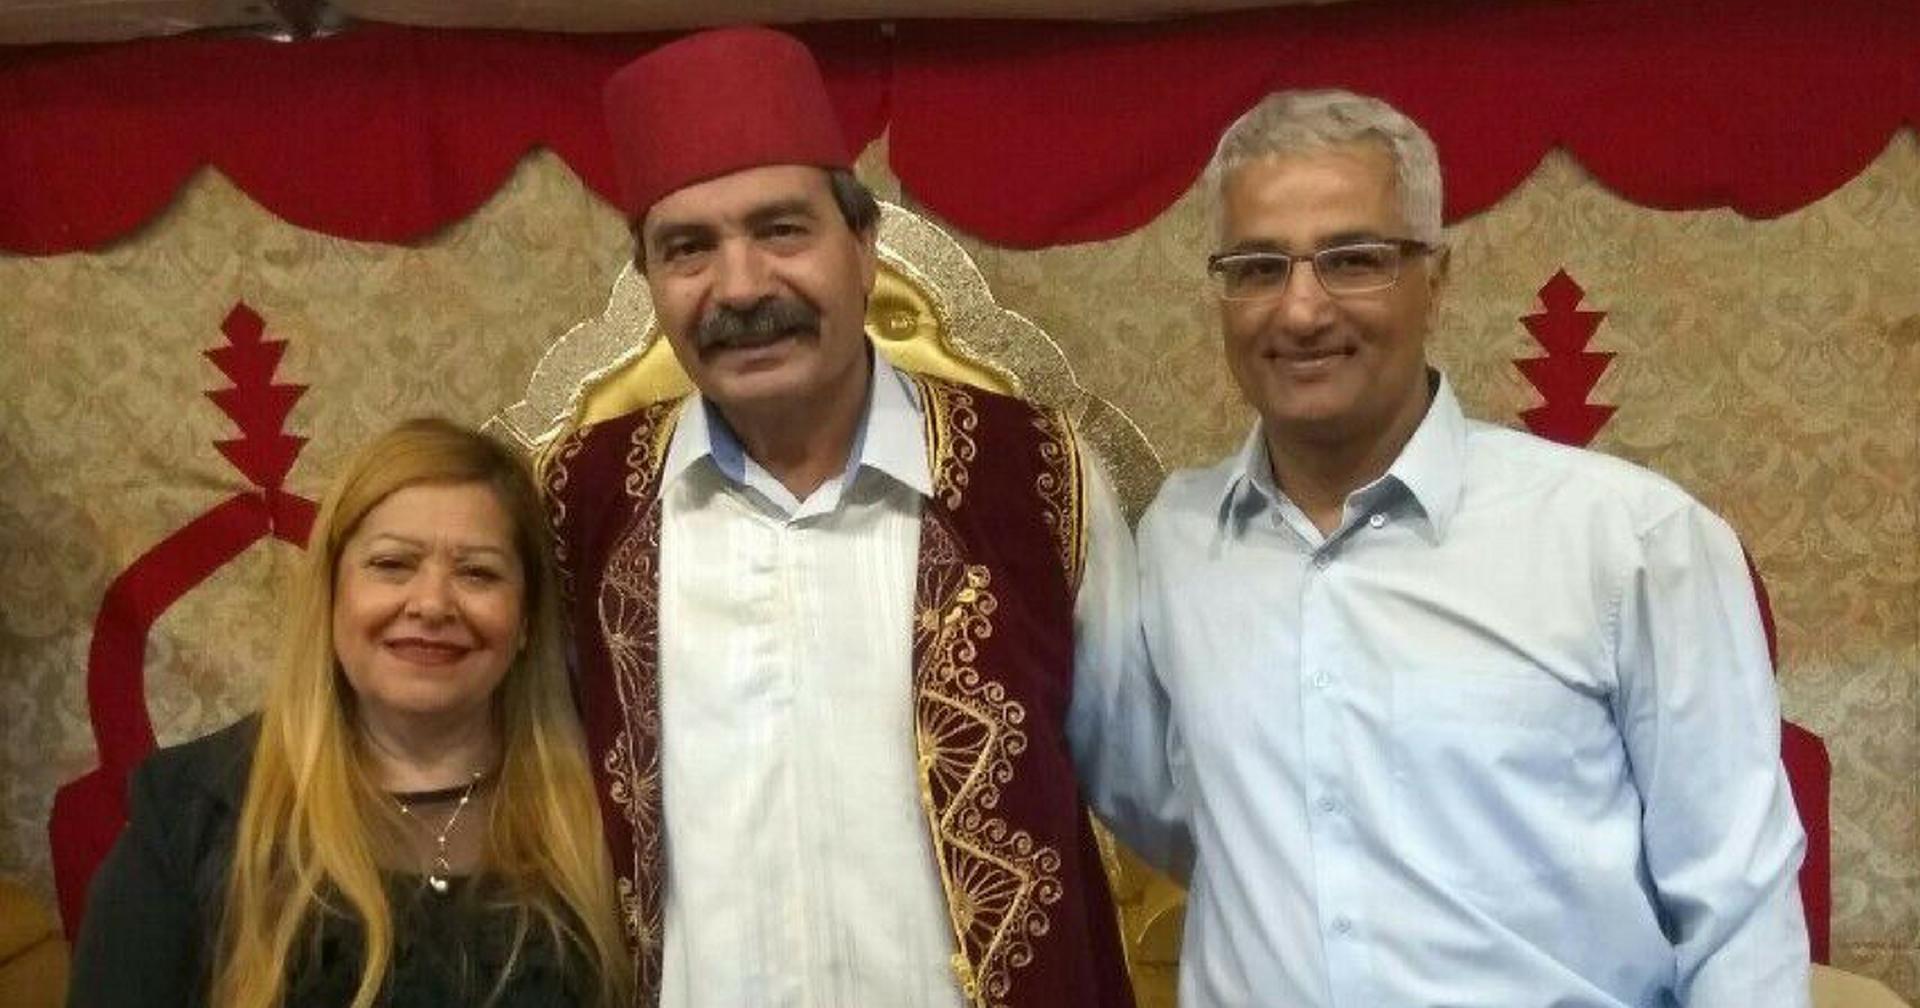 יאיר אברהם אצל משפחת בן סעדון ביוספטל | צילום: פרטי